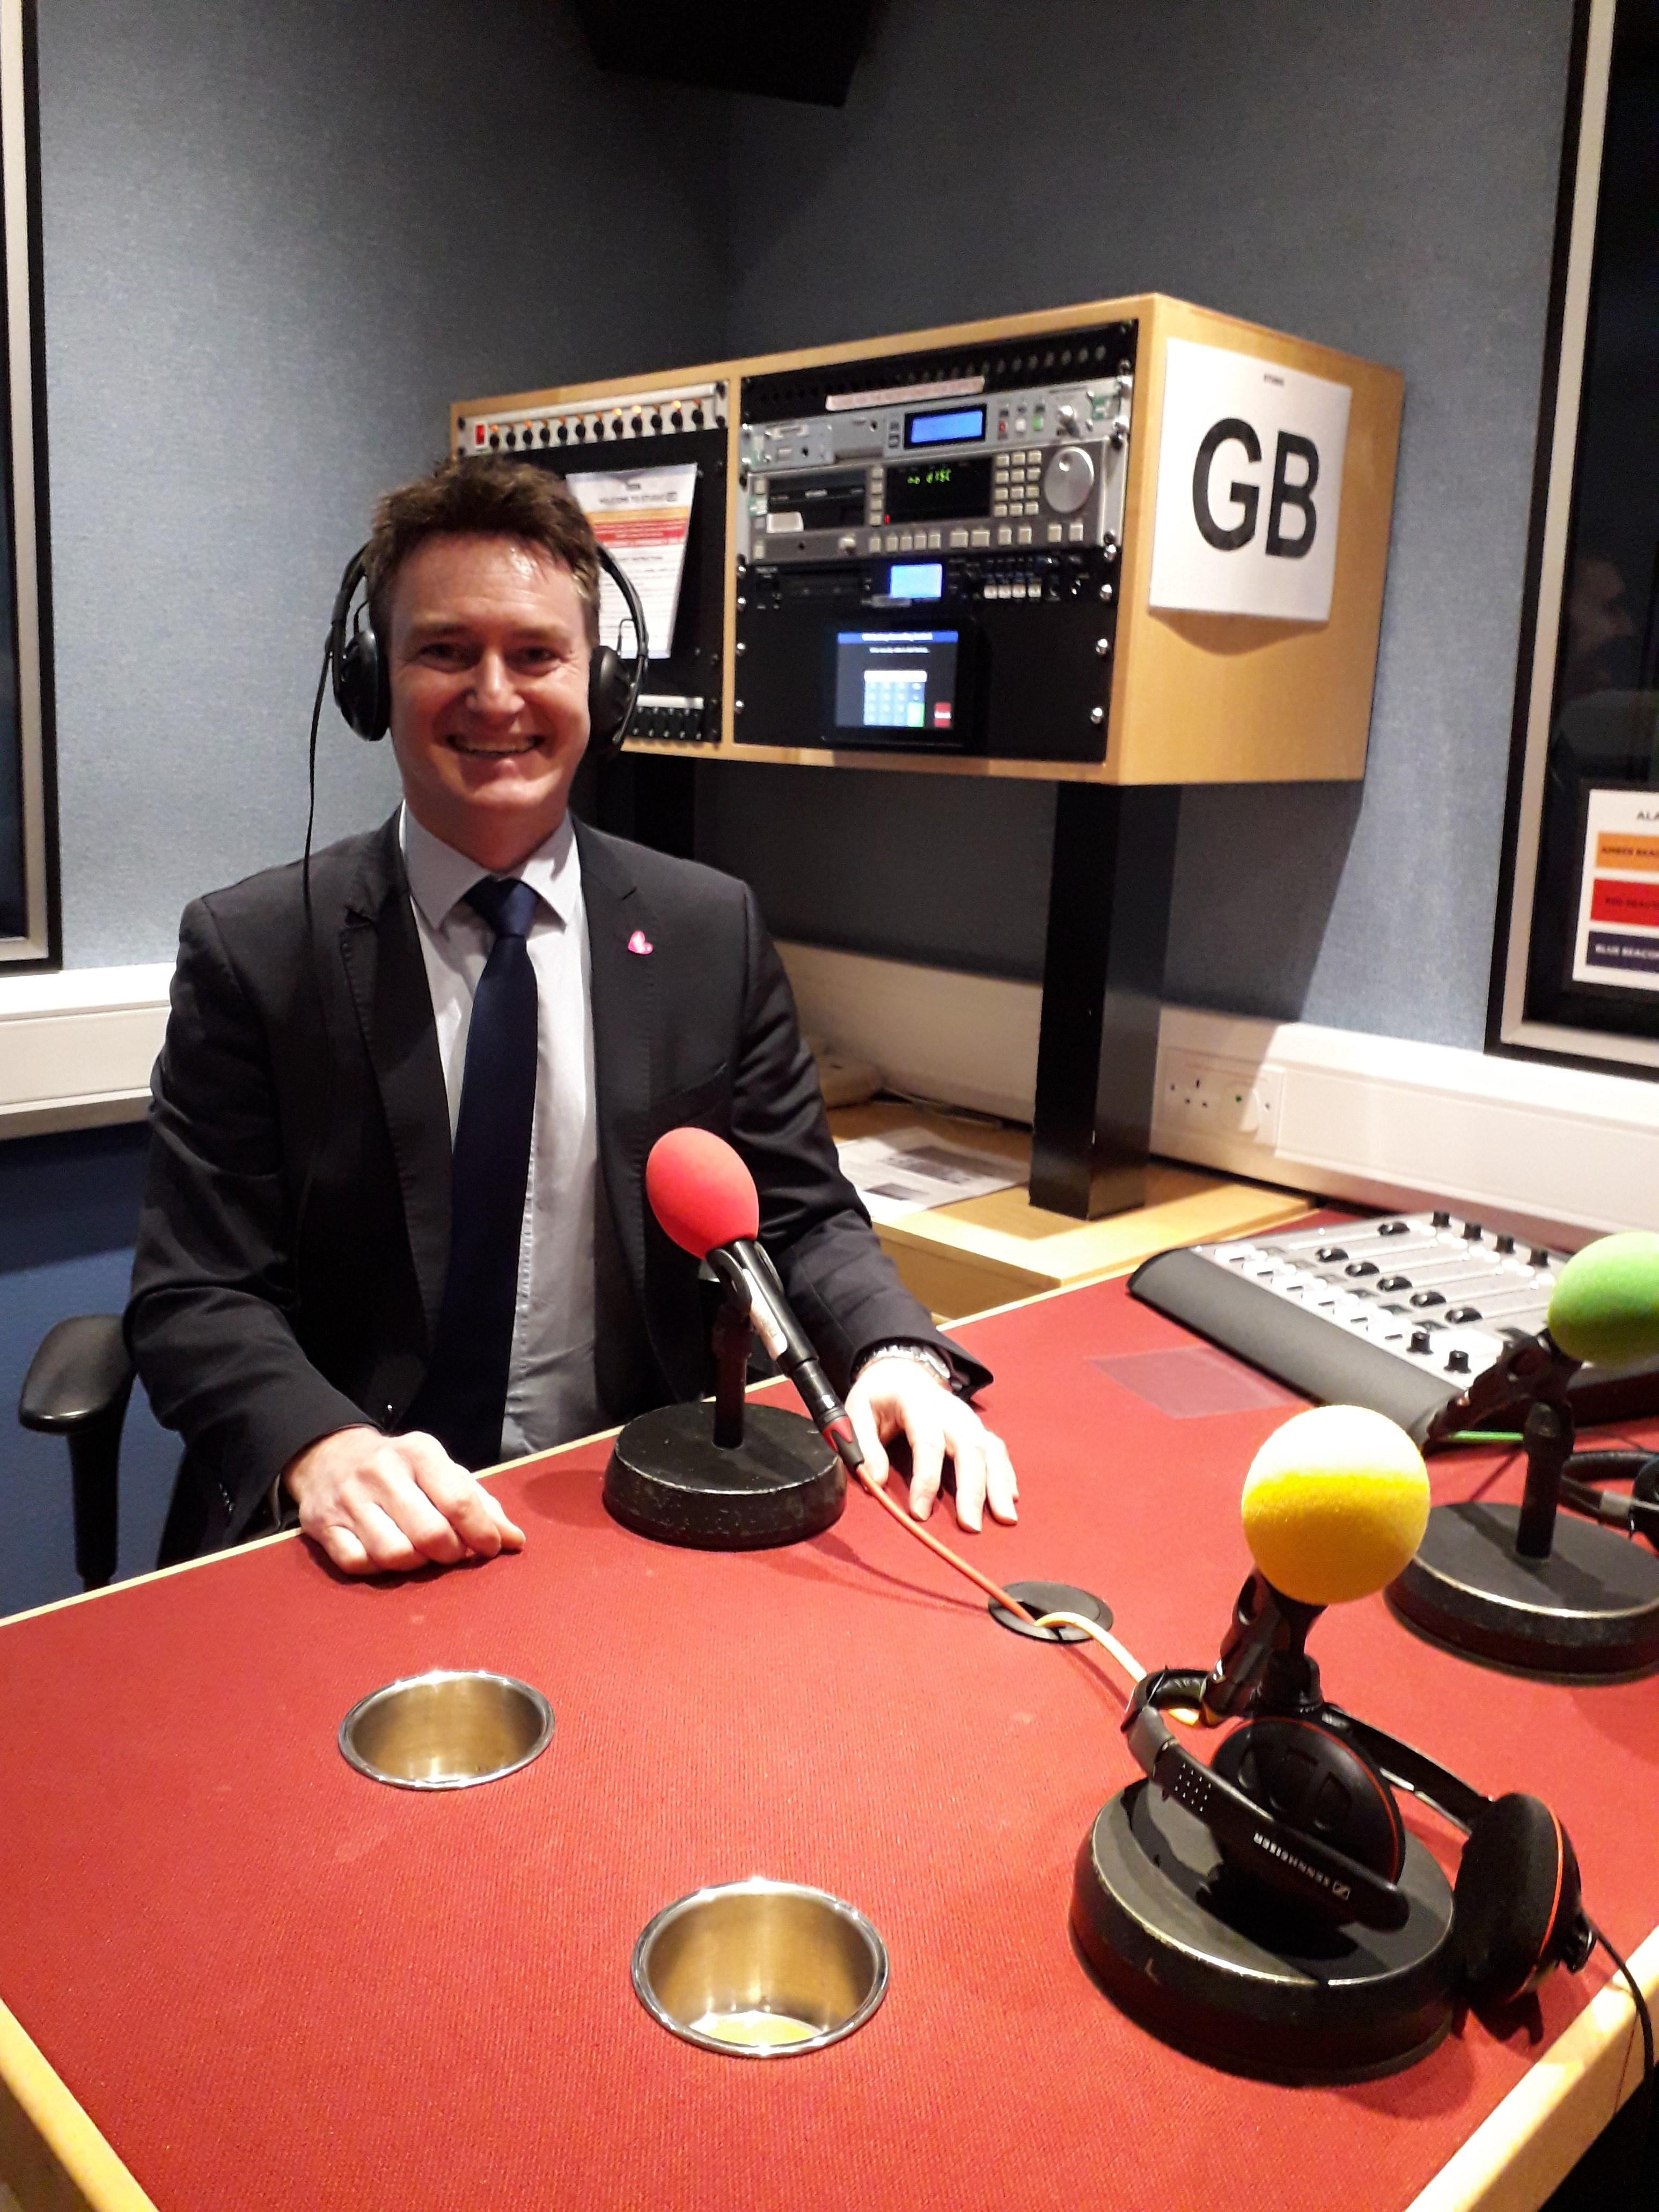 Anthony wearing headphones in a radio studio